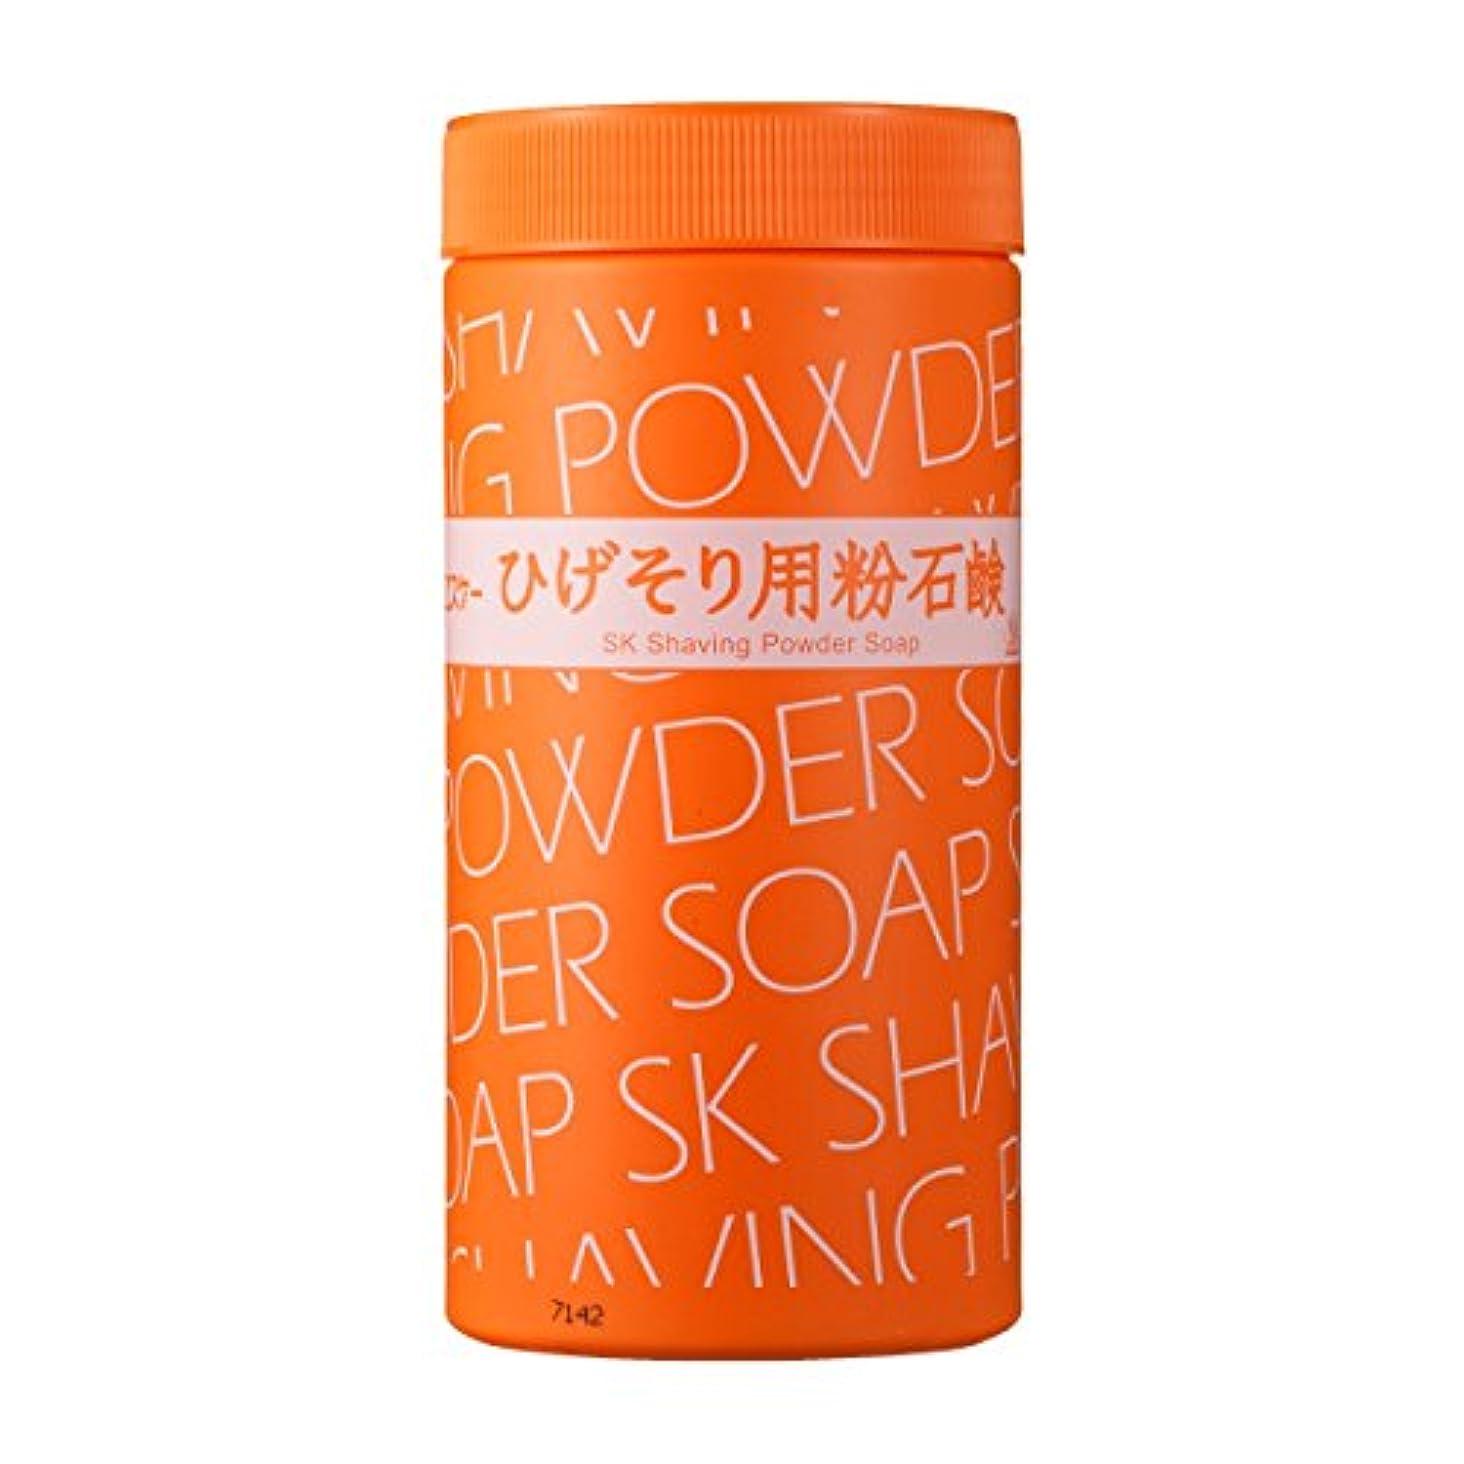 含めるチーズ交渉するエスケー石鹸 エスケー ひげそり用 粉石鹸 500g シェービングフォーム